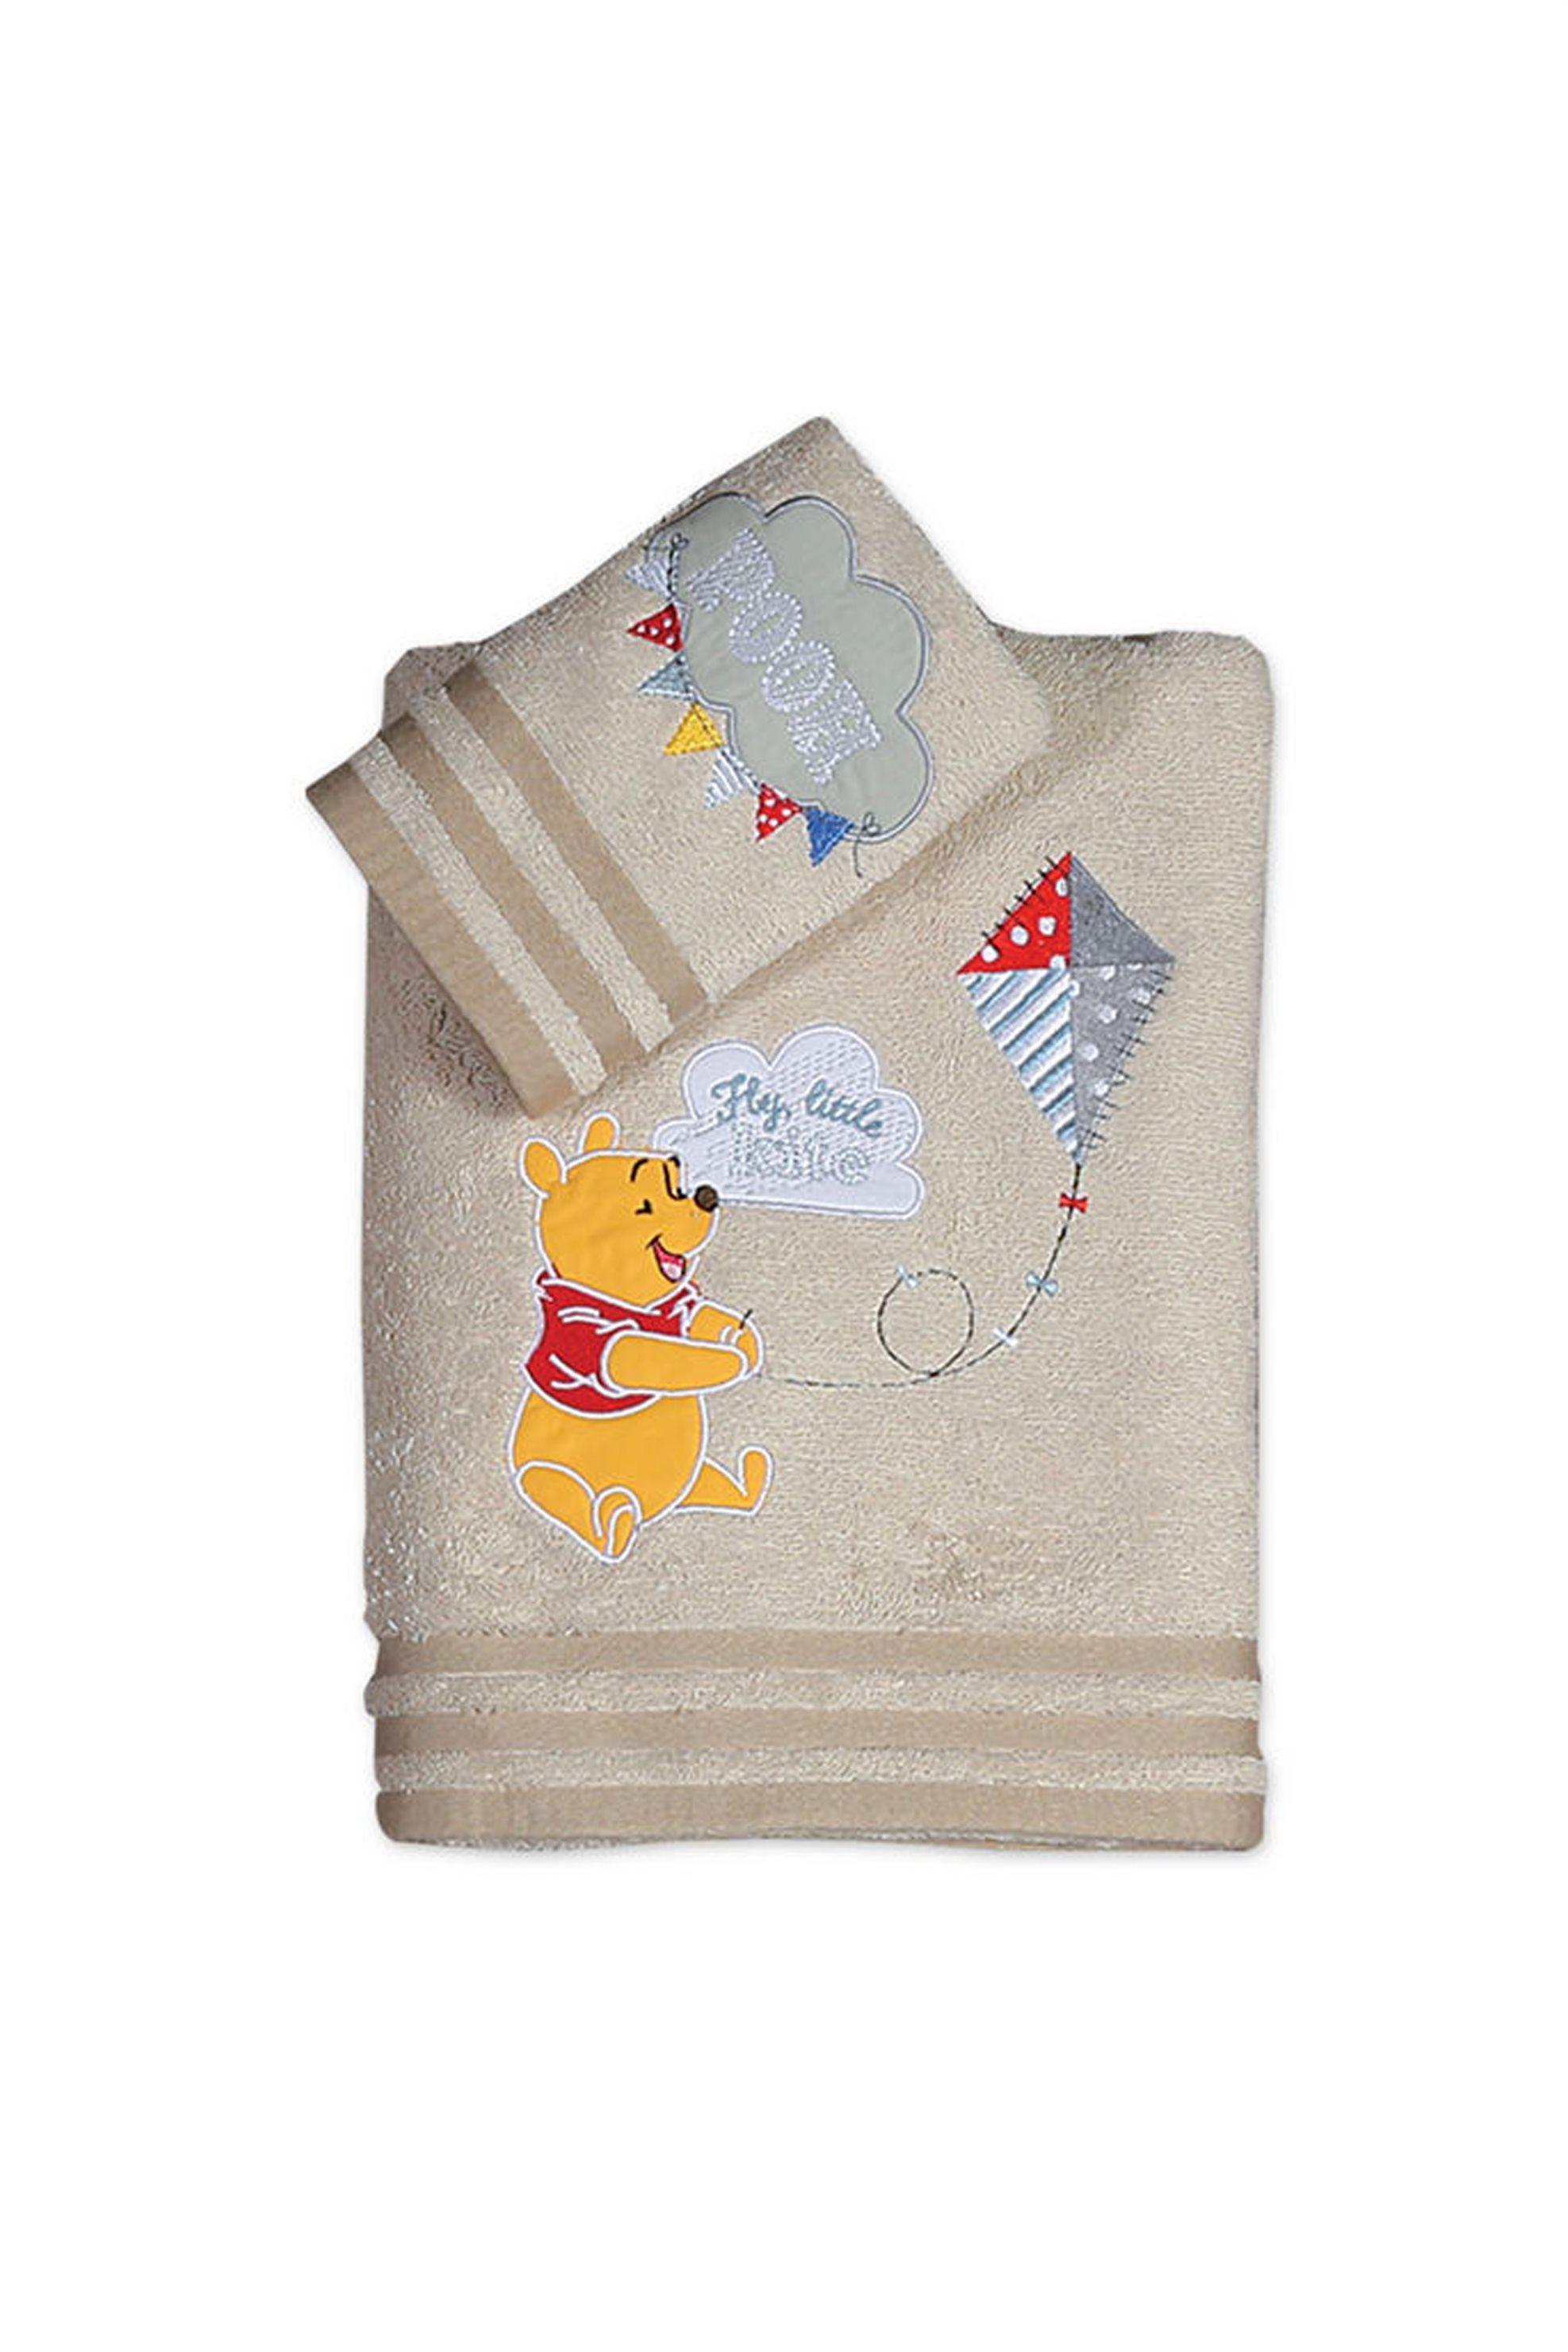 Σετ βρεφικές πετσέτες Winnie Fly Kite (70 x 140 cm) Disney - 019415 - Εκρού home   παιδια   πετσέτες